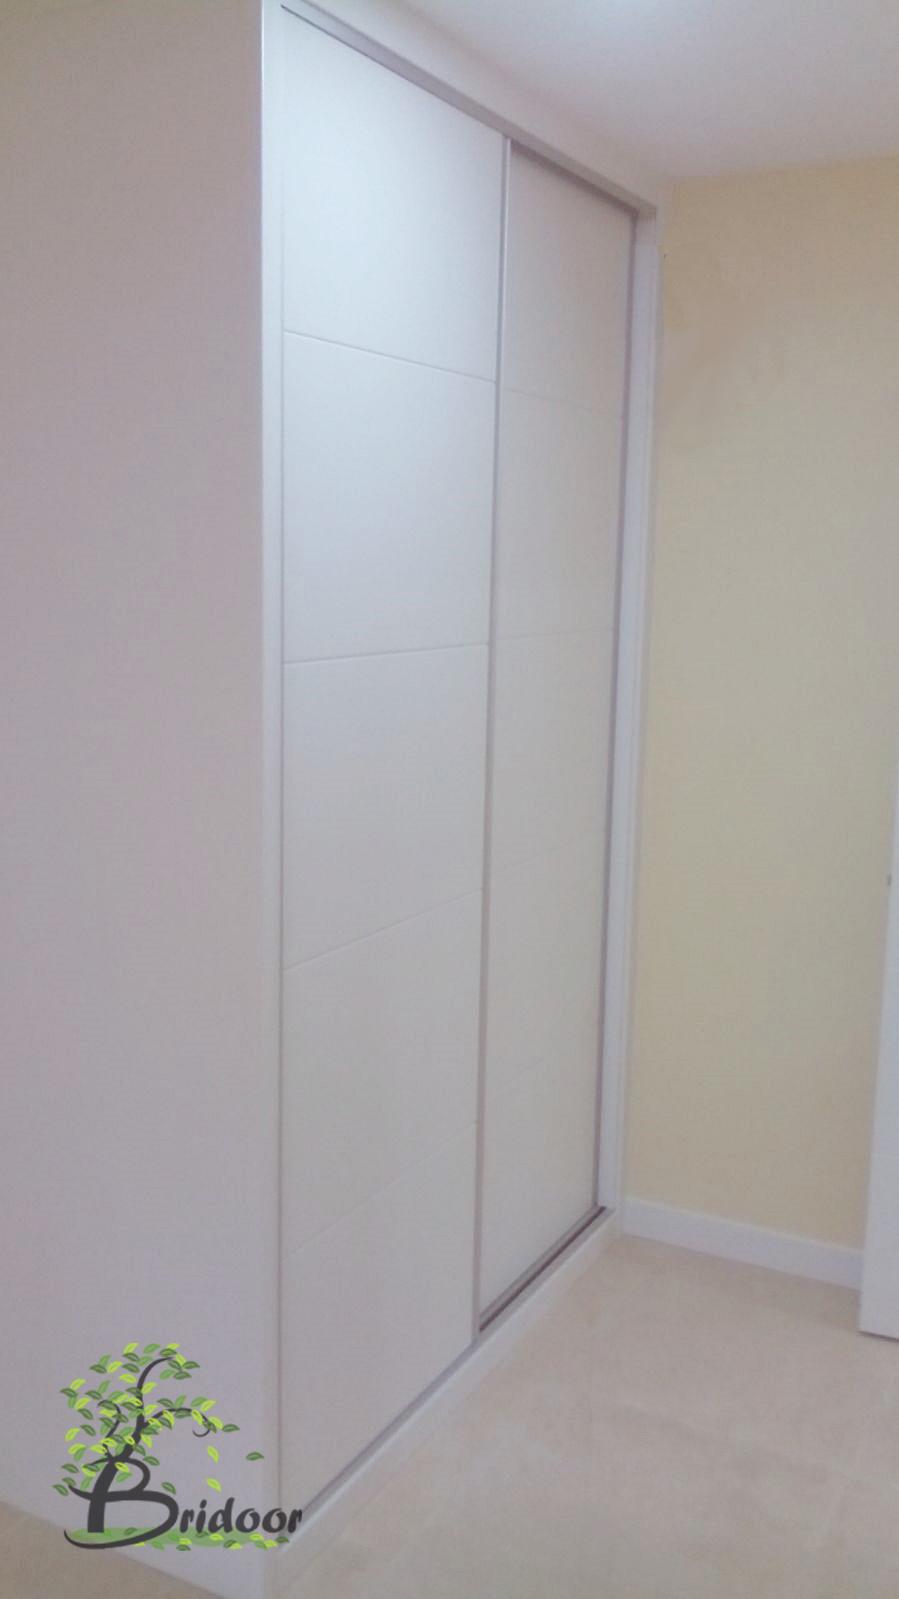 Bridoor s l vivienda con puertas y armarios lacados en la for Puertas y armarios